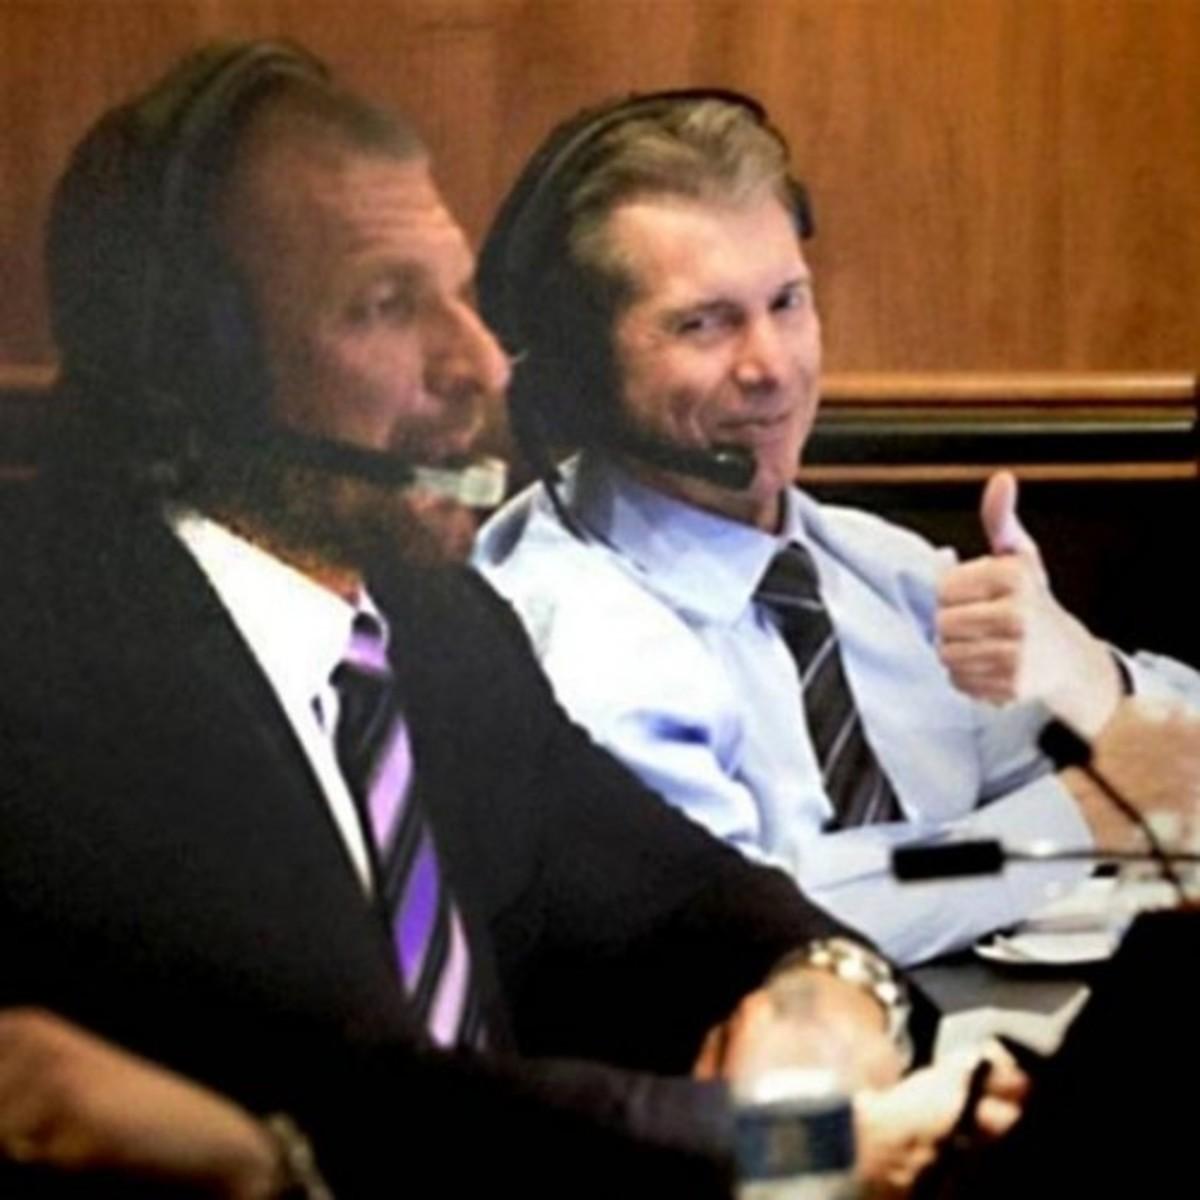 Triple H & Vince McMahon at Gorilla